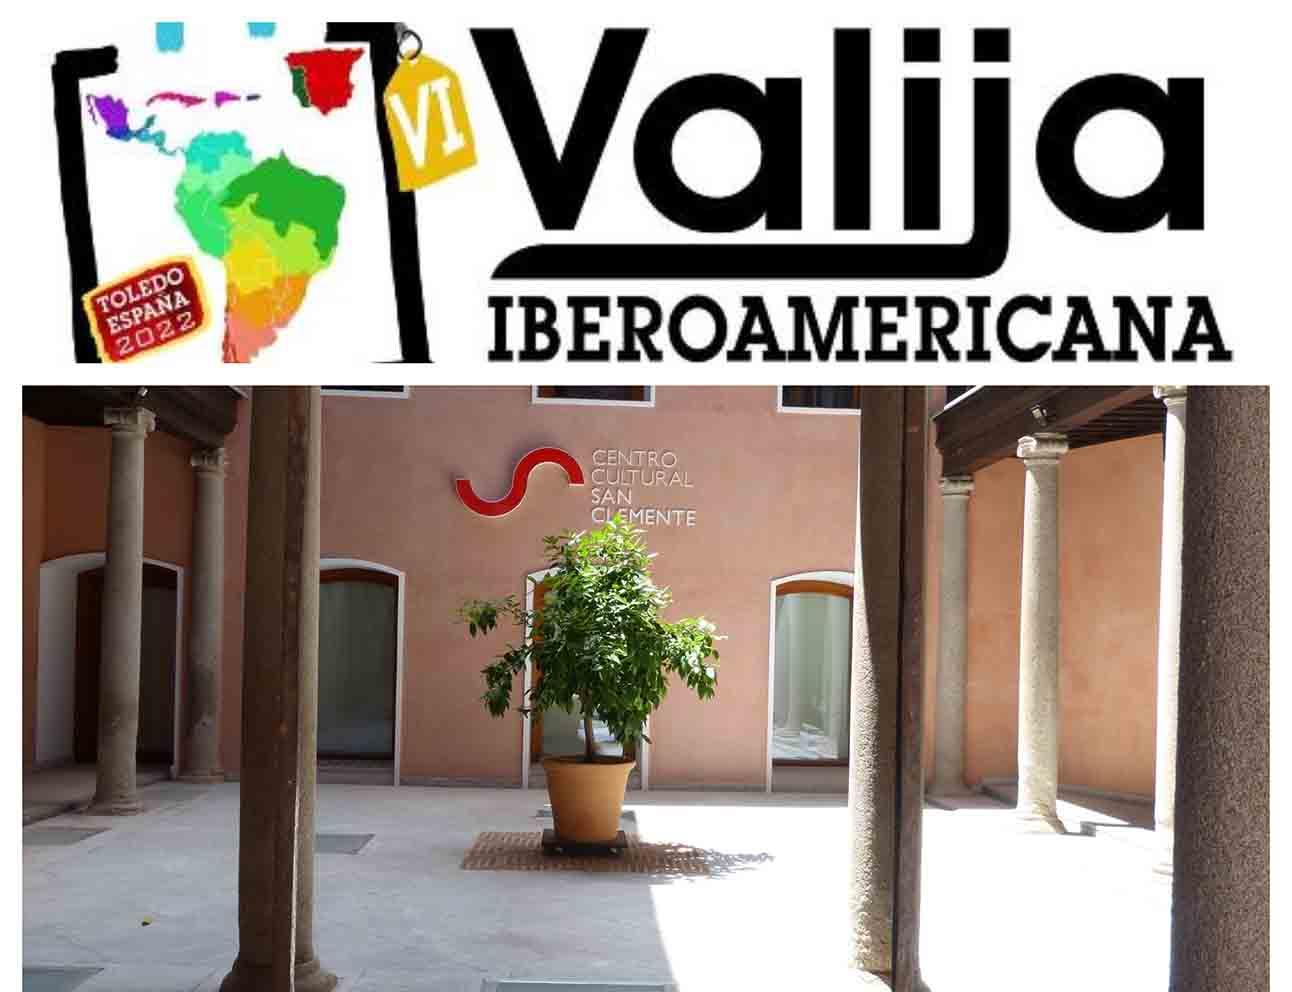 La Diputación de Toledo organiza una ambiciosa exposición.